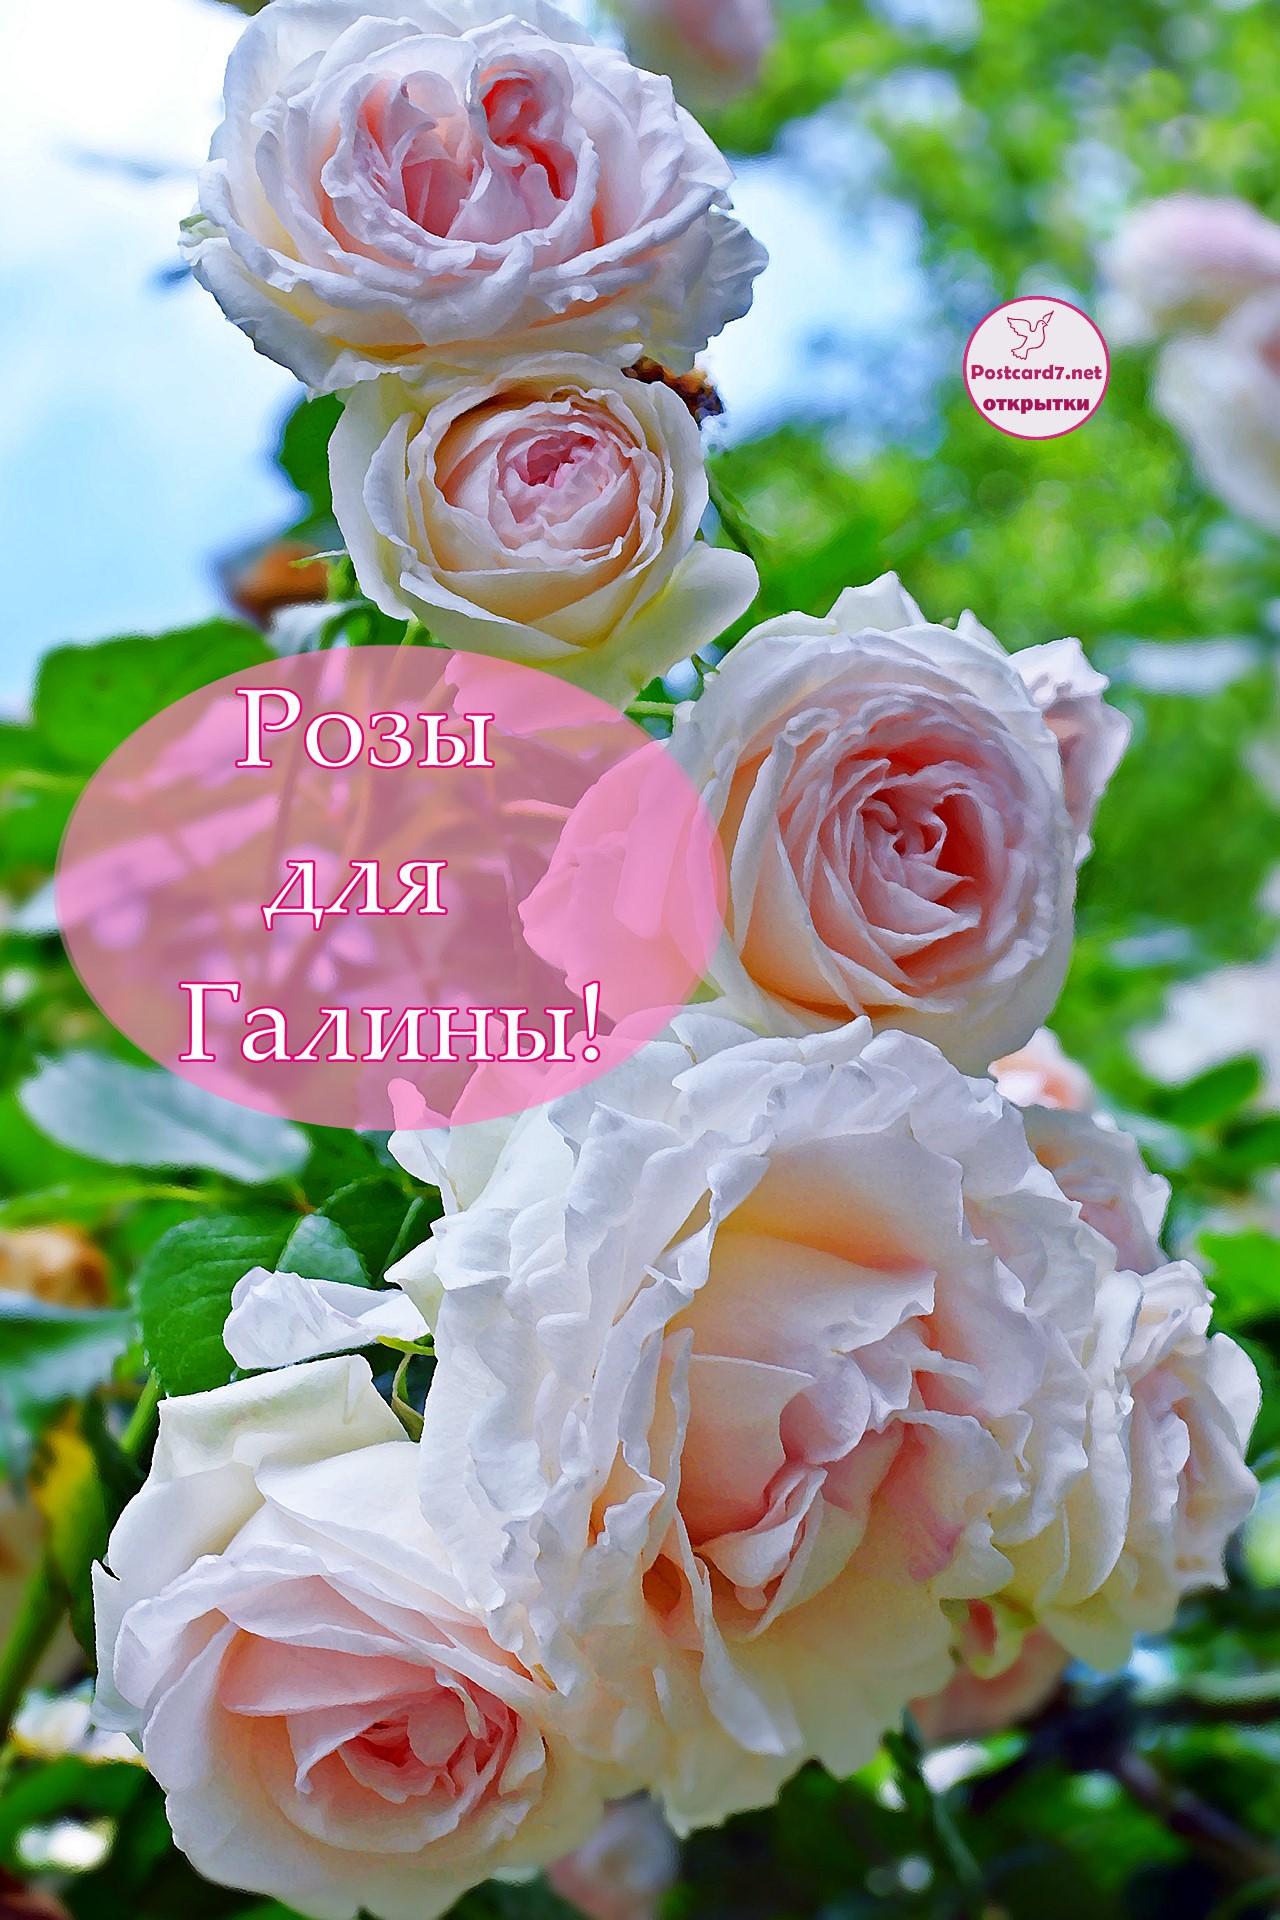 Розы для Галины, открытка